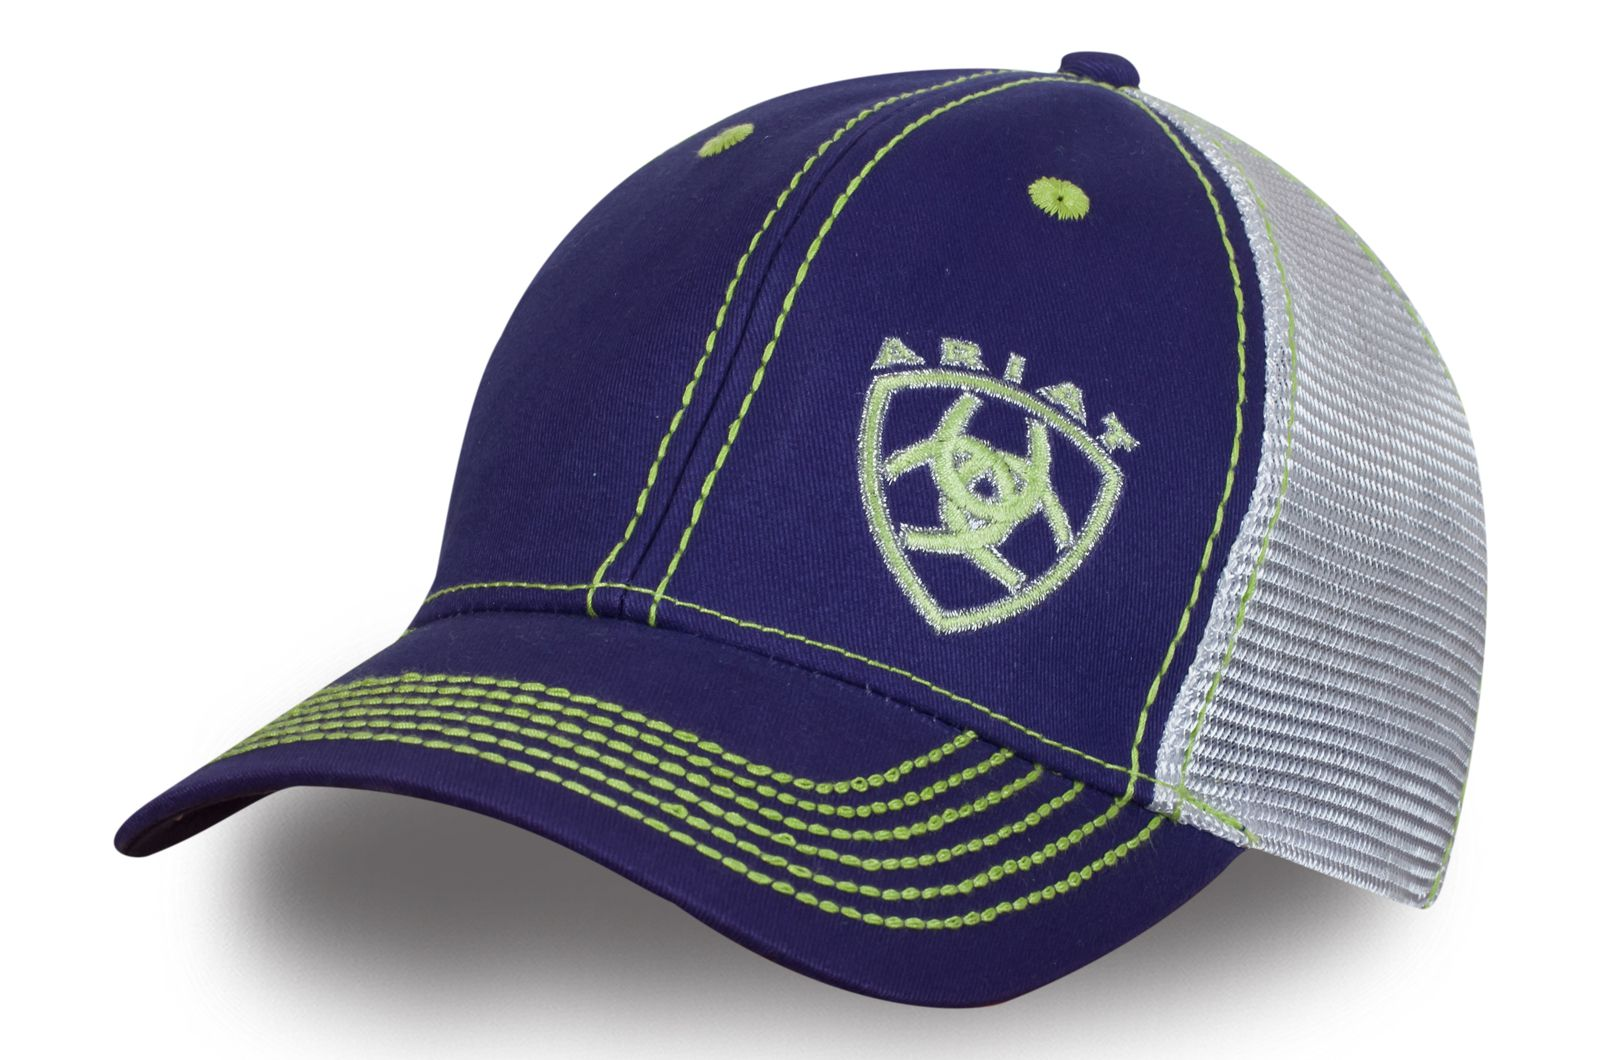 Синяя бейсболка с сеткой - купить в интернет-магазине